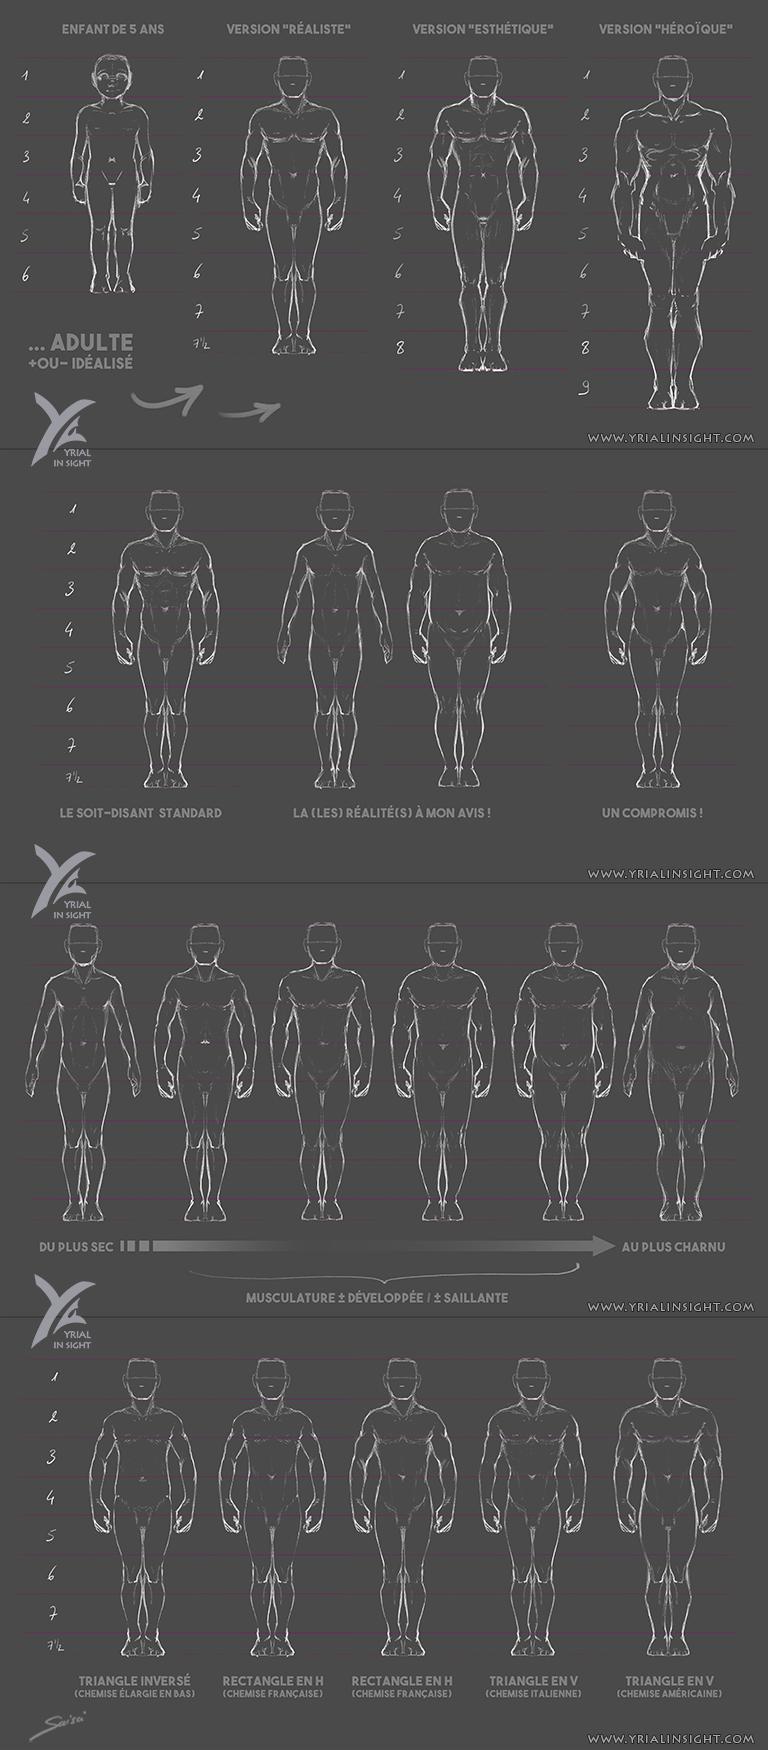 Charadesign || études des proportions du corps humain - Planches du corps masculin vu de face - différentes morphologies || Saisei Yrial in Sight